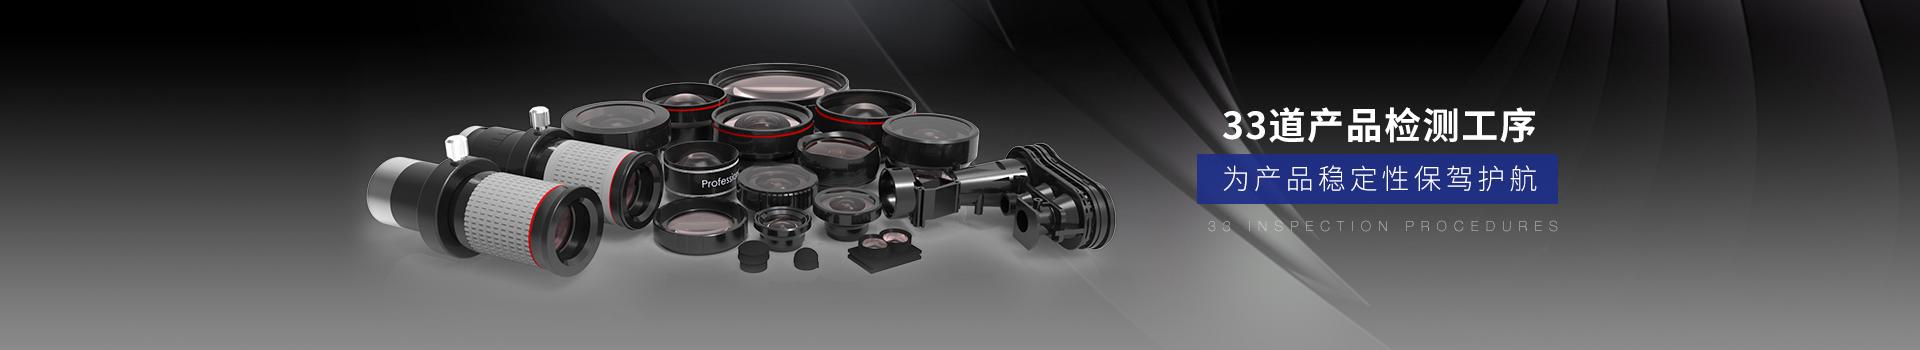 大简光学-33道产品检测工序,为产品稳定性保驾护航